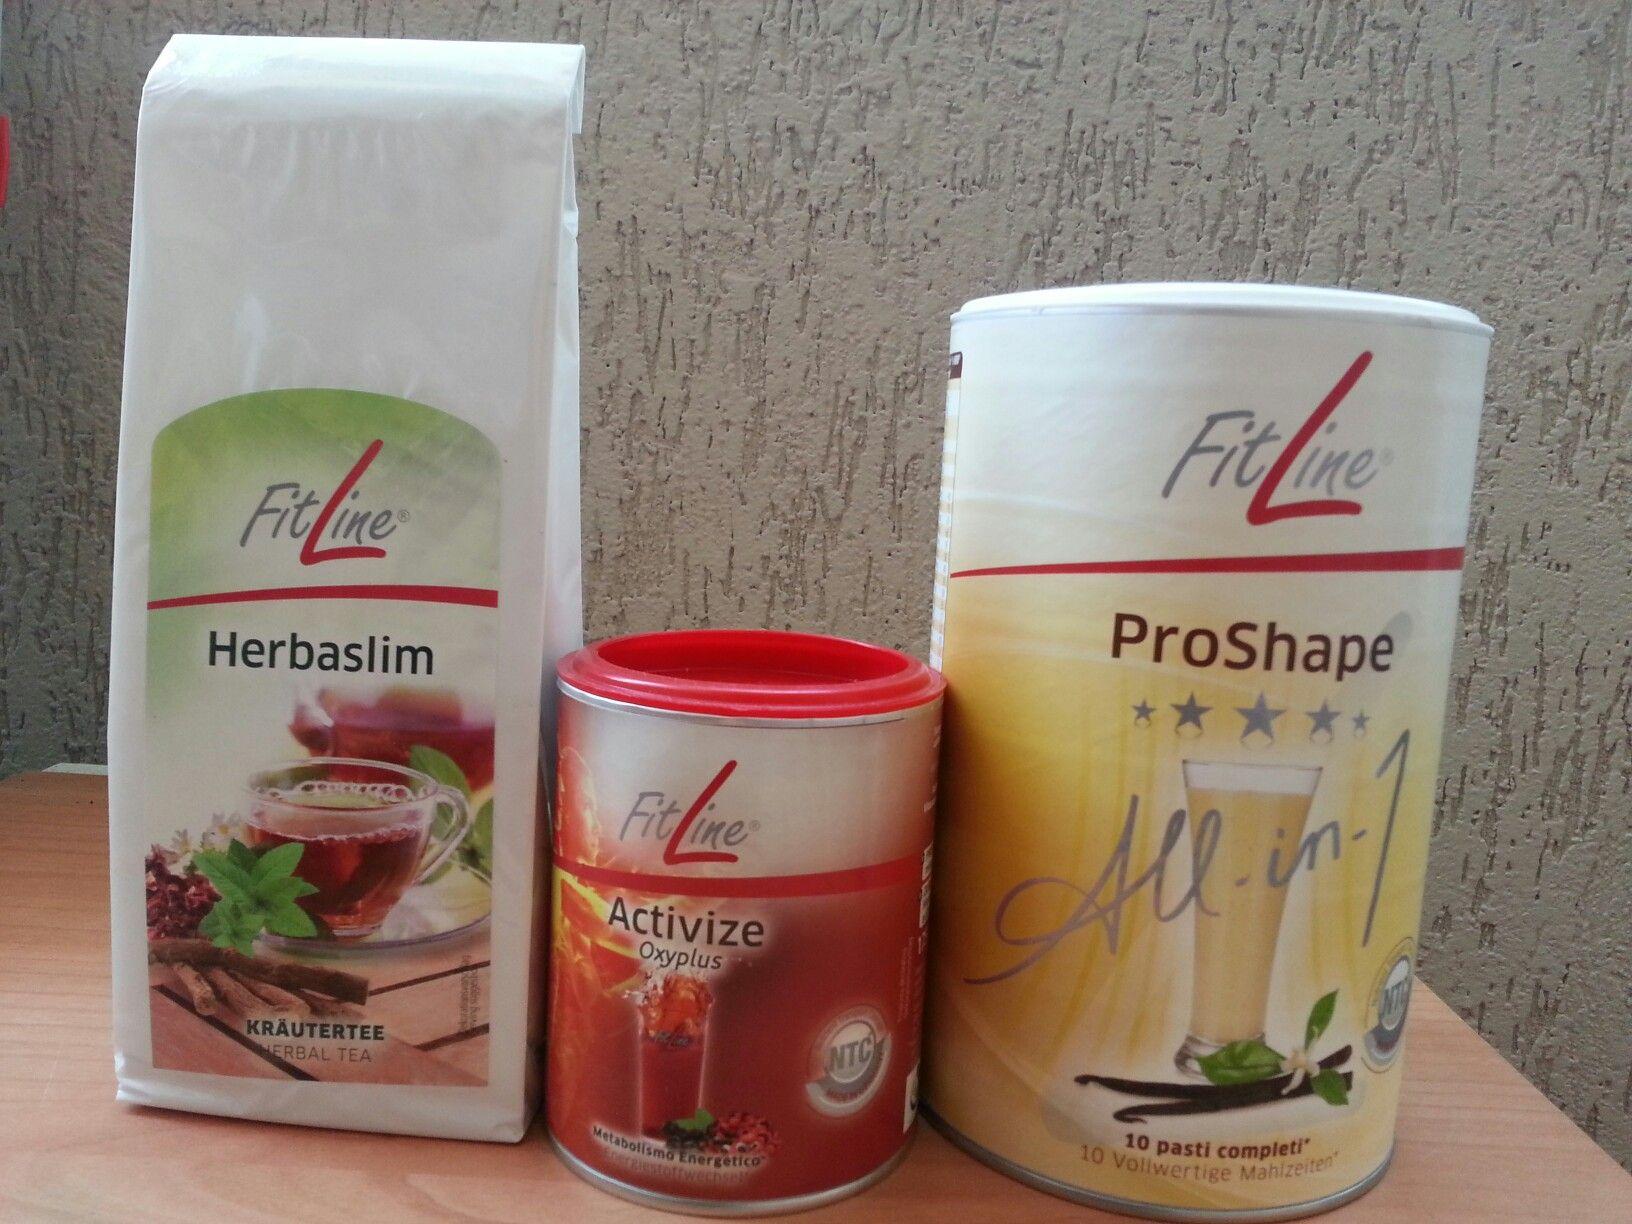 Produsele FitLine - dăunătoare sau sănătoase